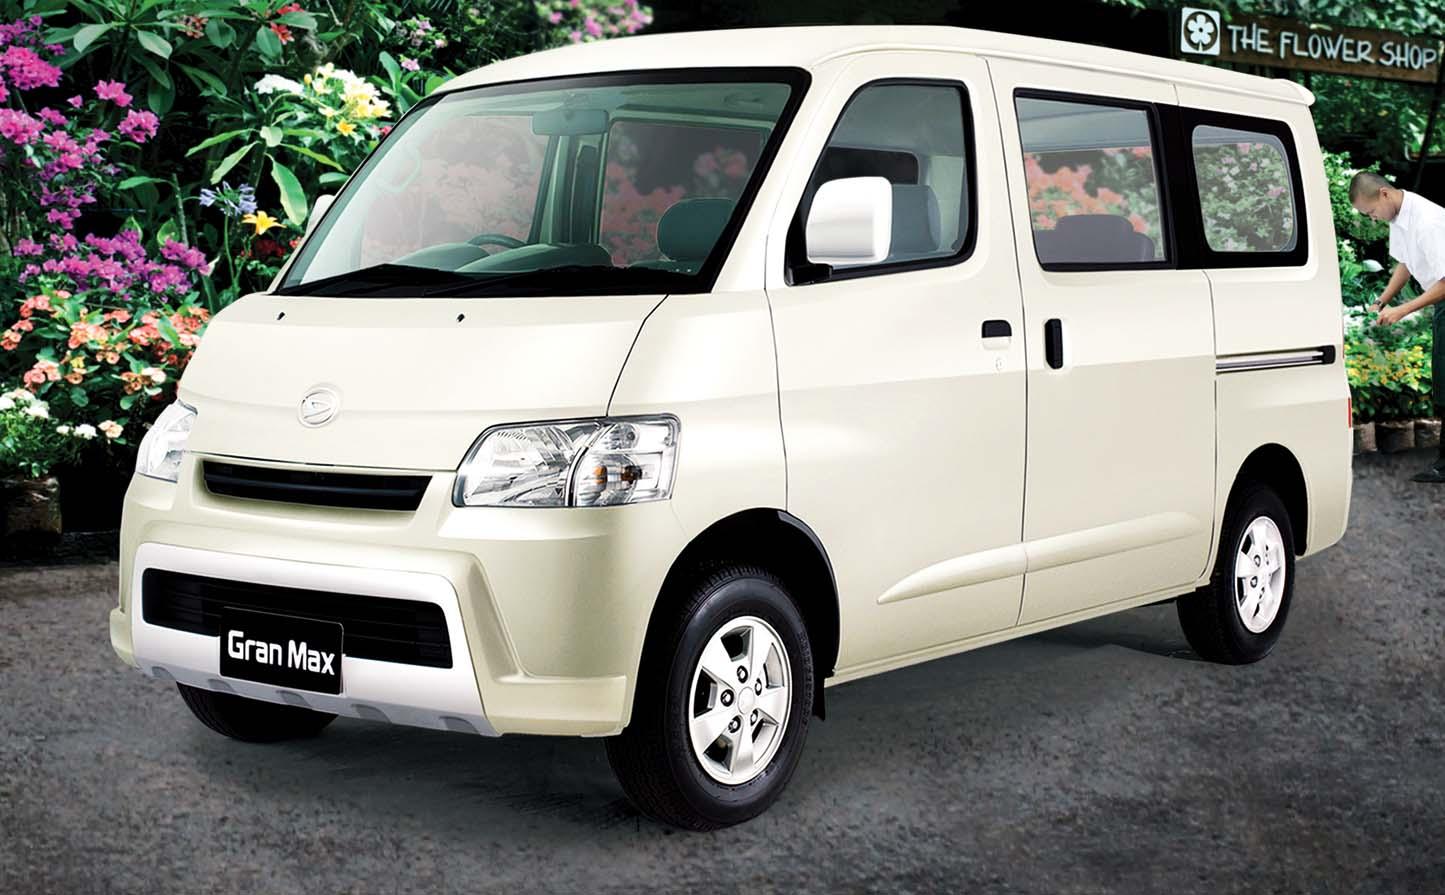 Spesifikasi Daihatsu Grand Max MB di otospek.com Media Online Spesifikasi dan Berita otomotif Indonesia